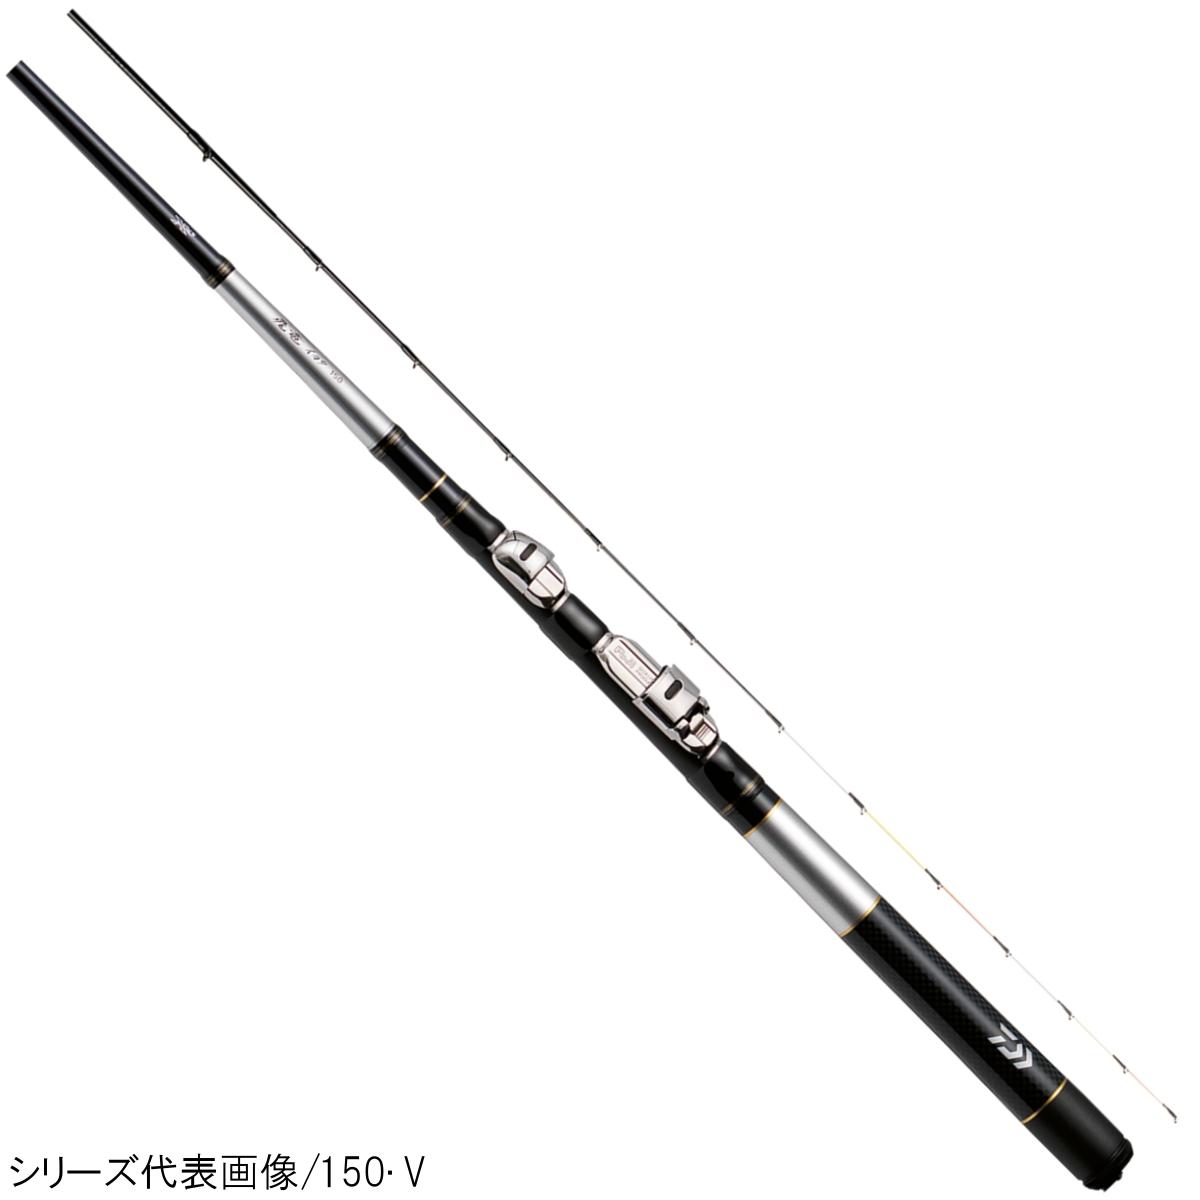 ダイワ 飛竜 イカダ 180・V